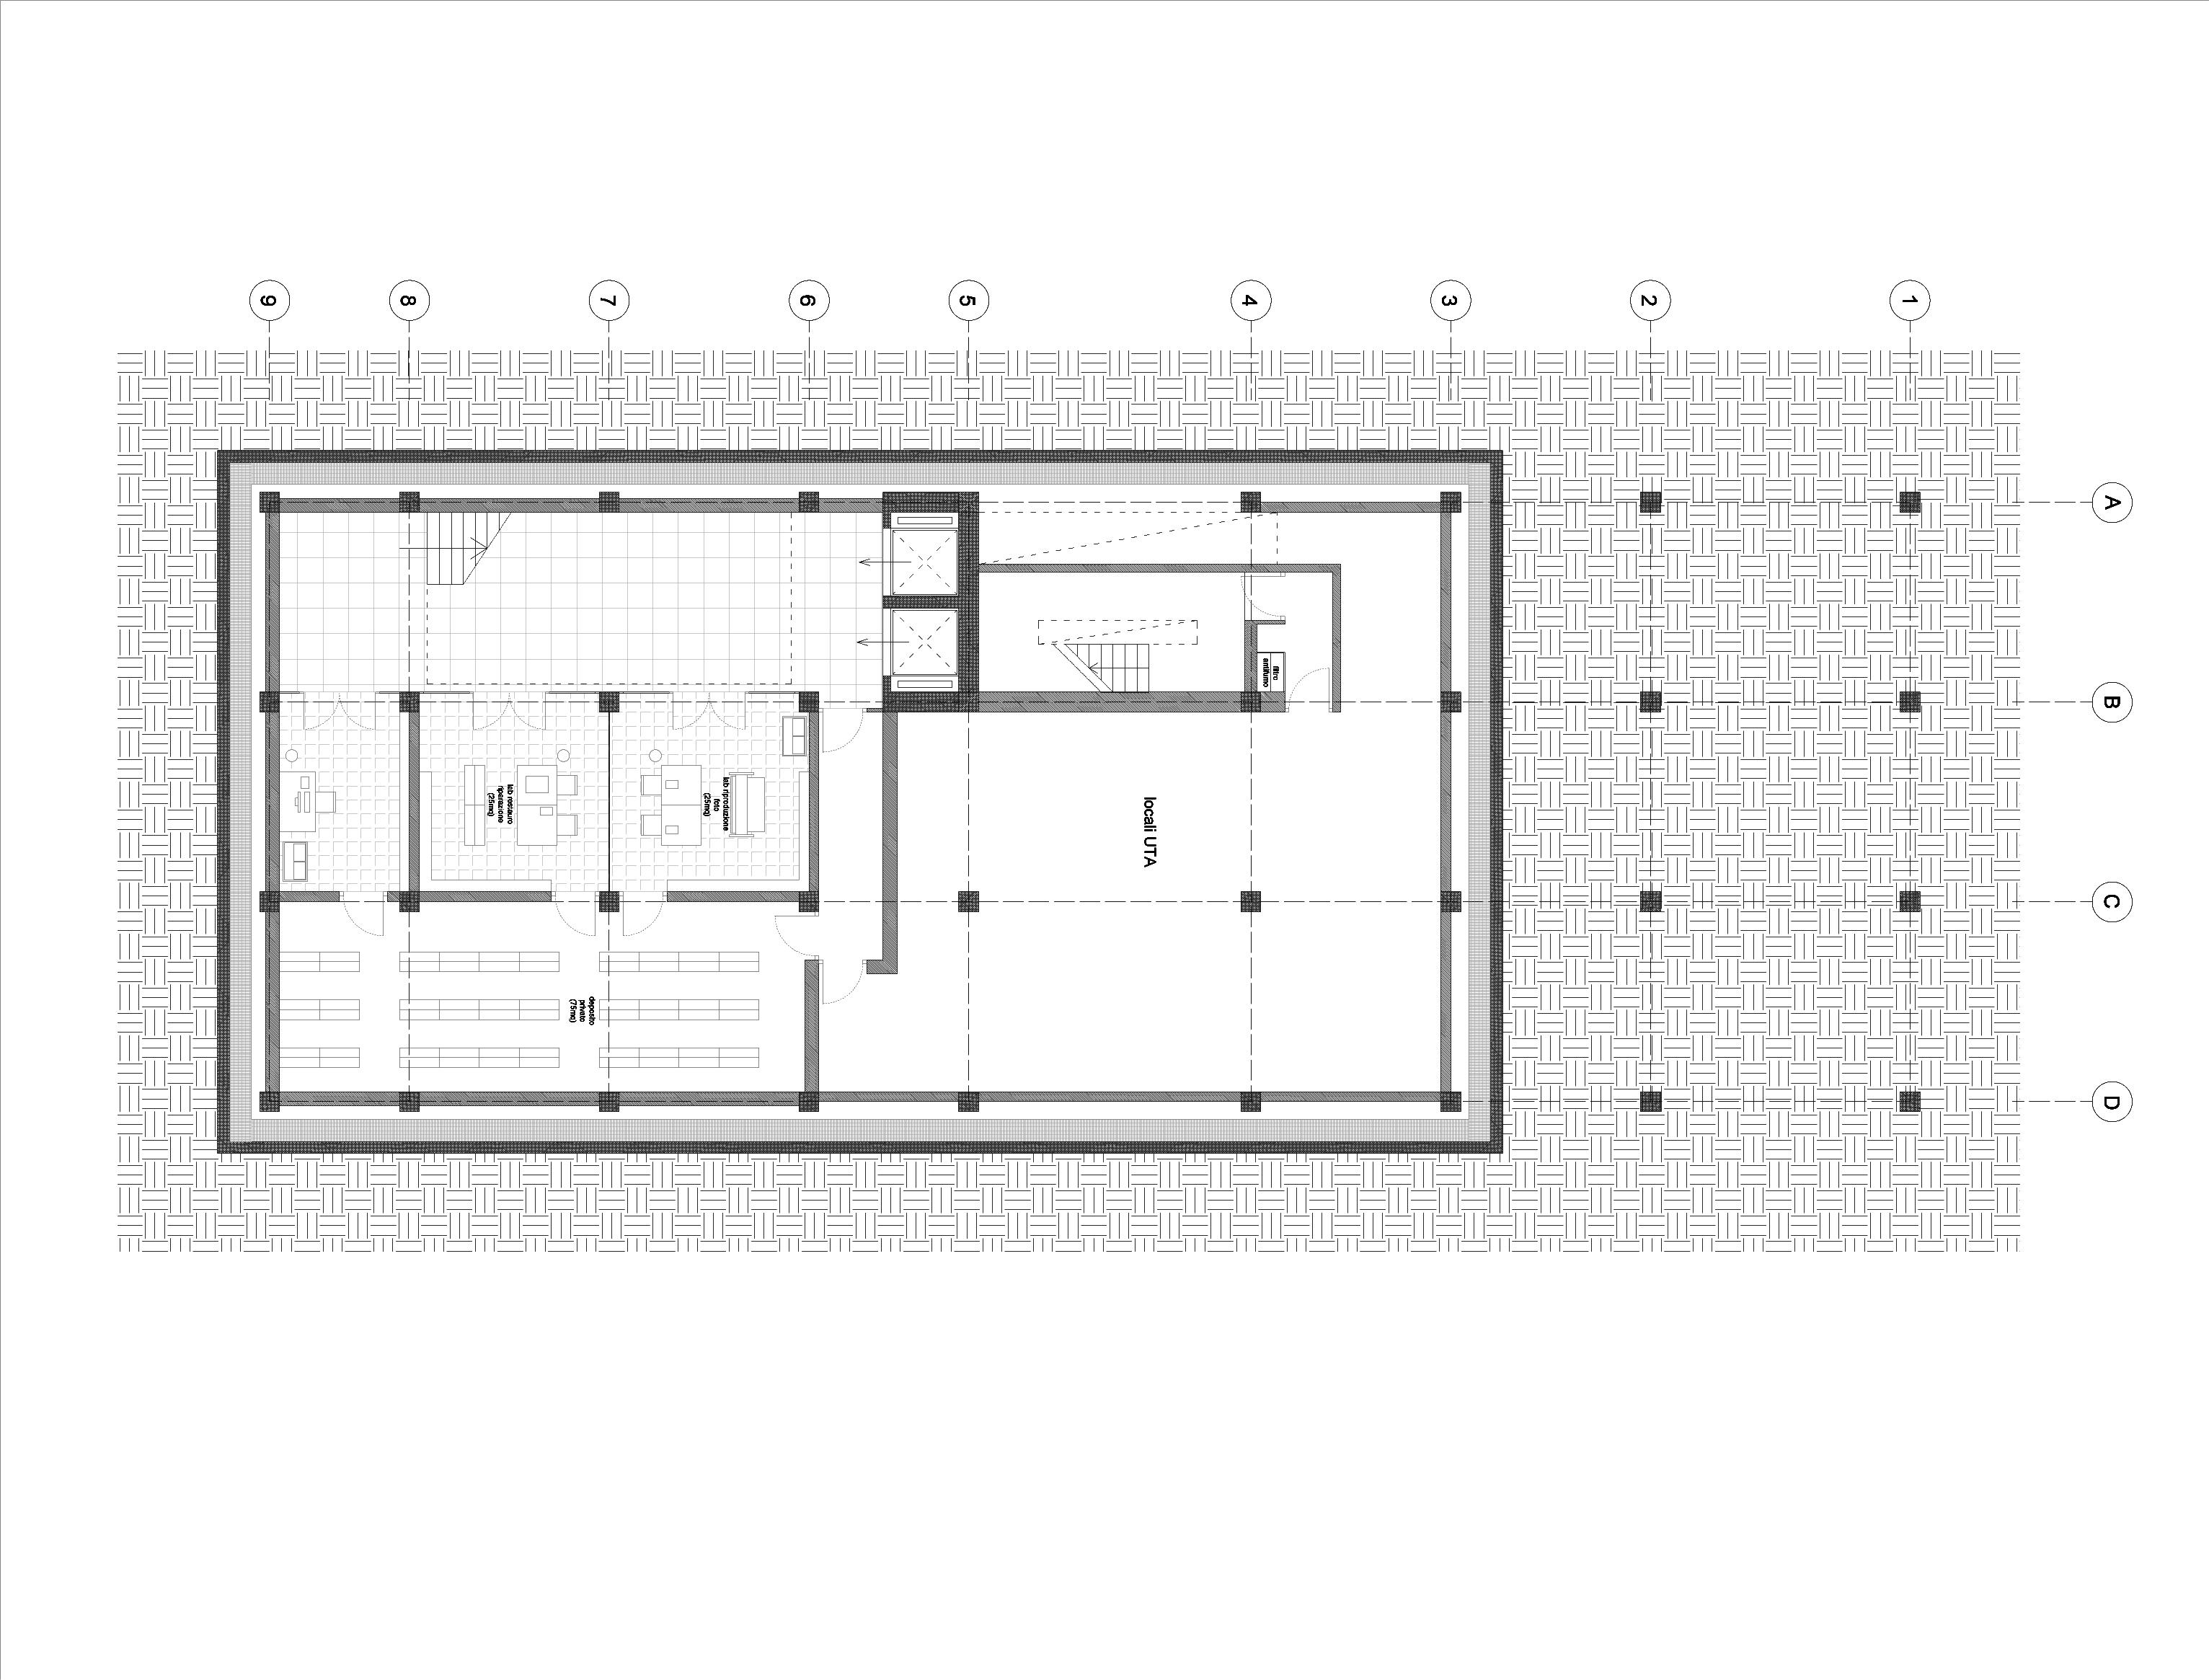 Consegna 02 panasiti ombres laboratori di for Come progettare una pianta del piano interrato